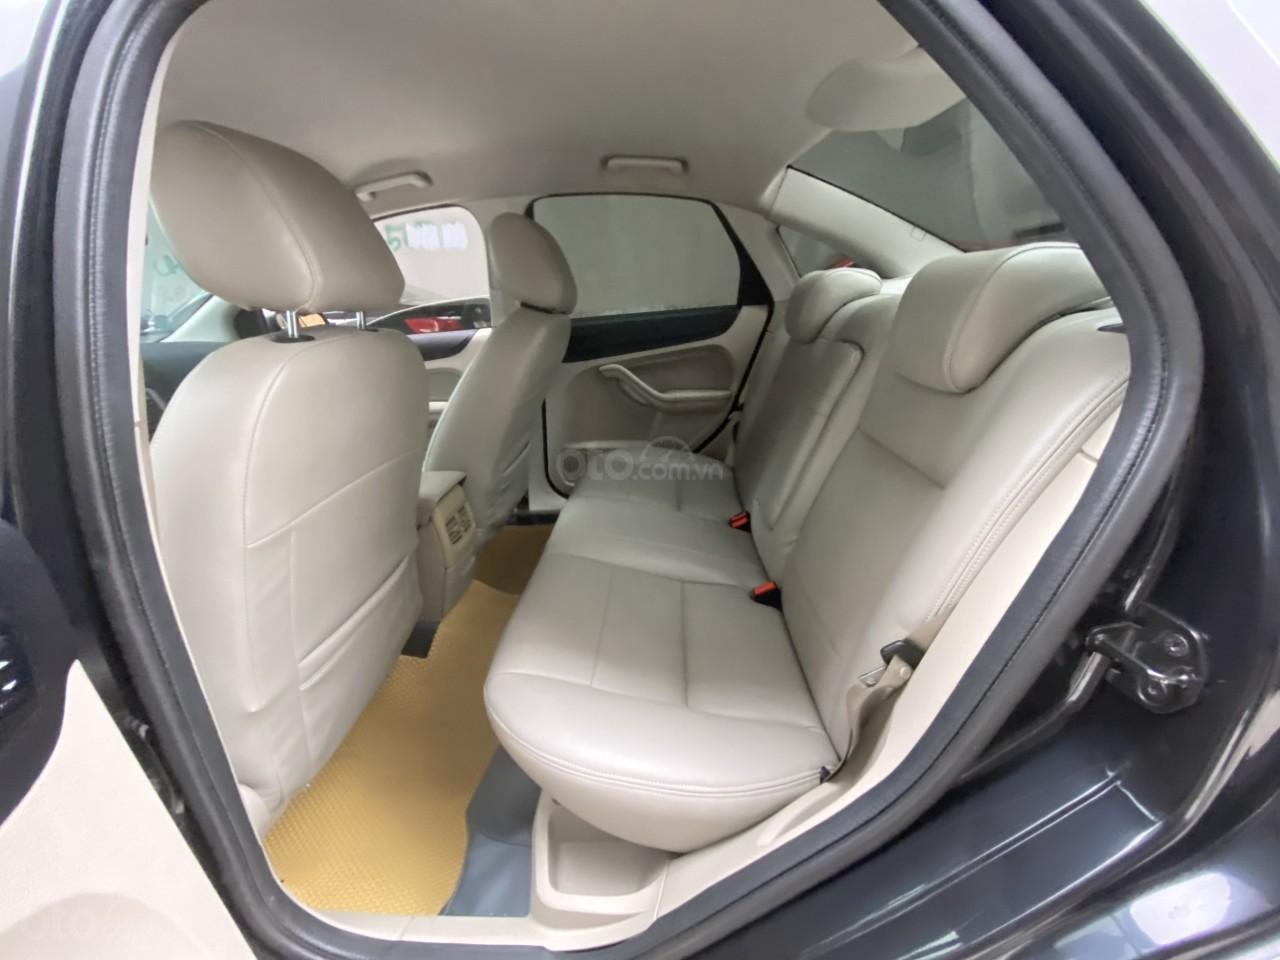 Xe Ford Focus đời 2008, xe đẹp xuất sắc không lỗi nhỏ, giá 185 triệu (5)